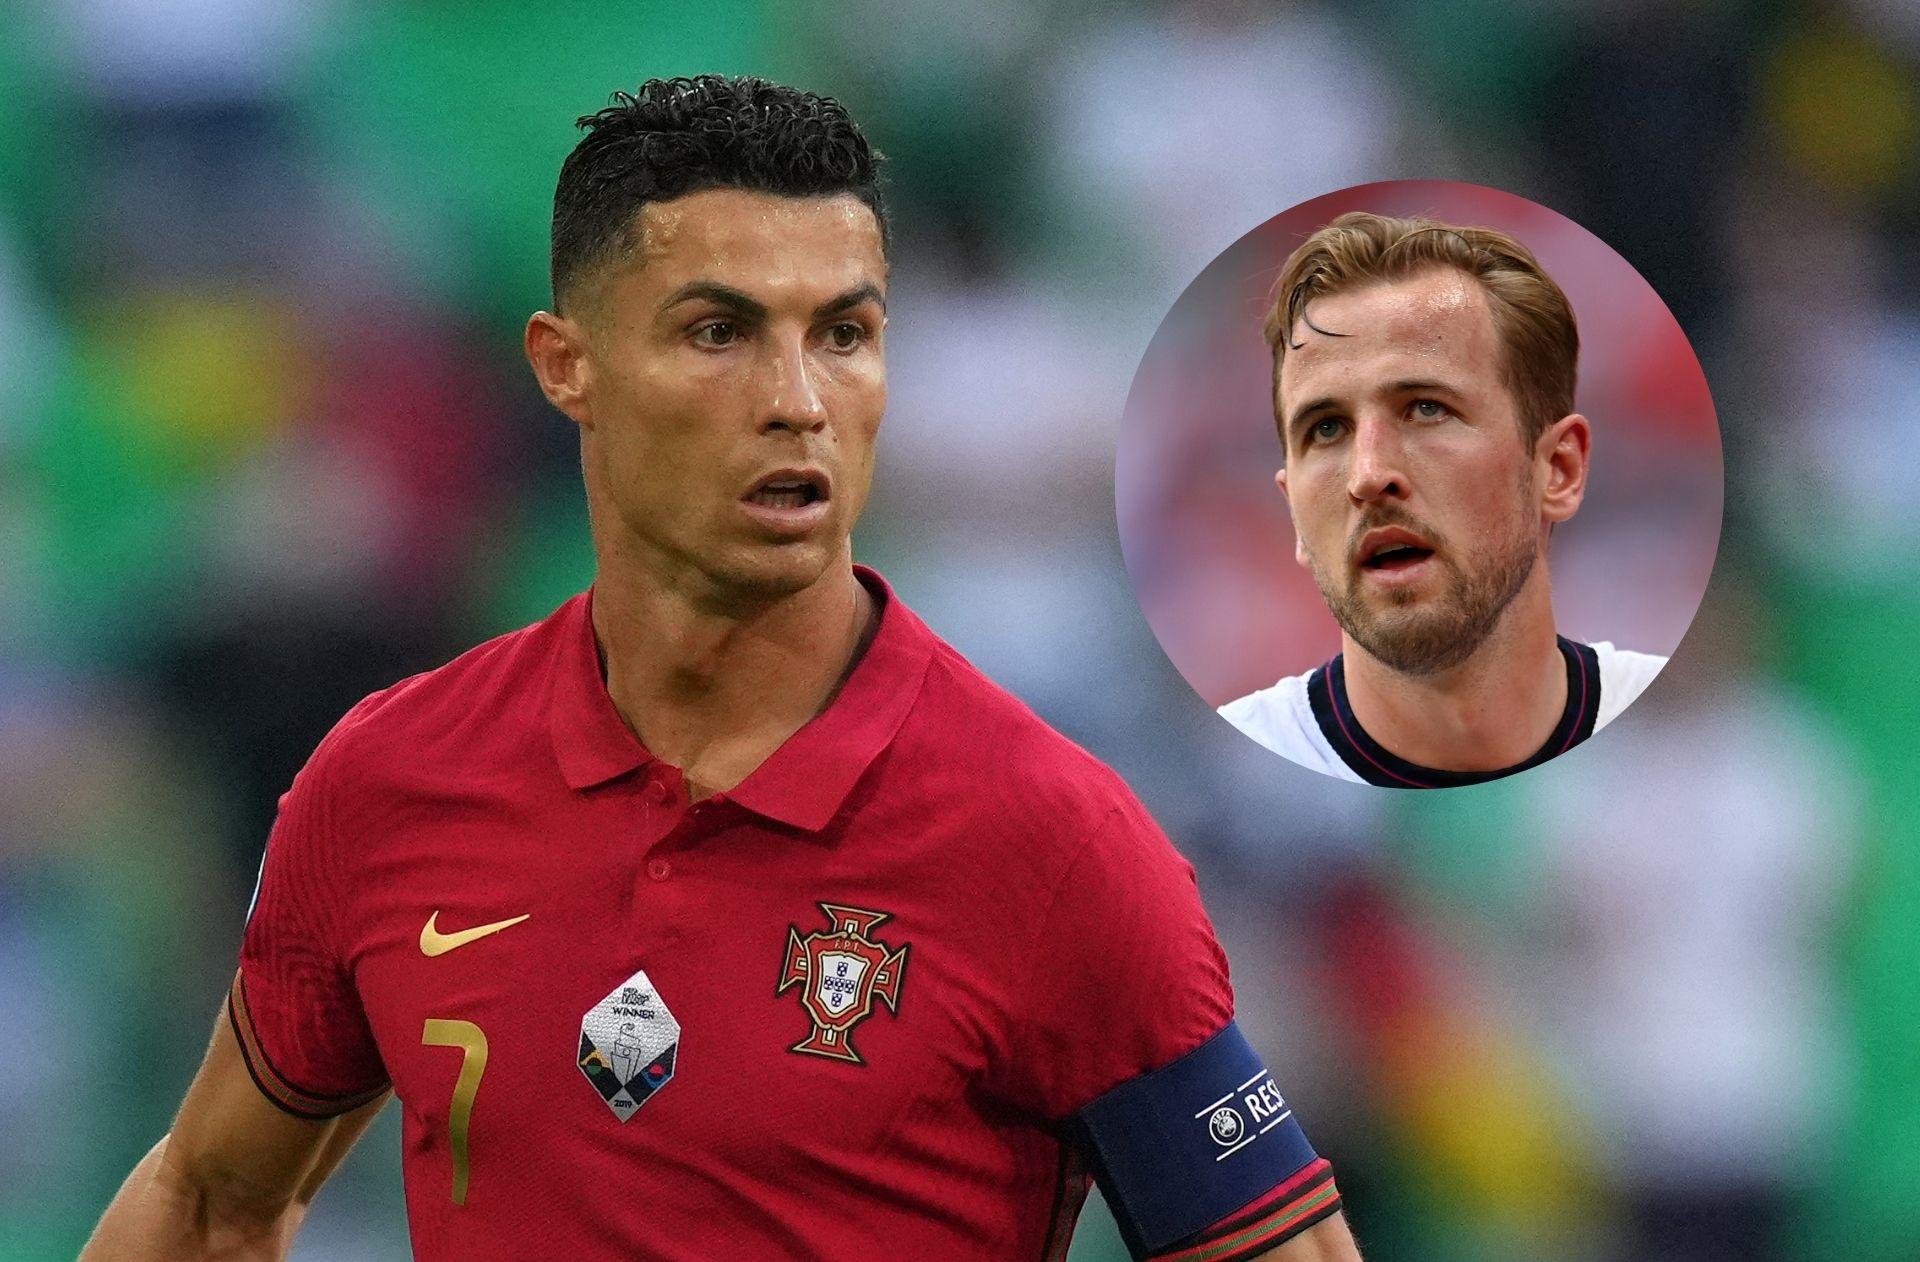 Kane - England, Ronaldo - Portugal